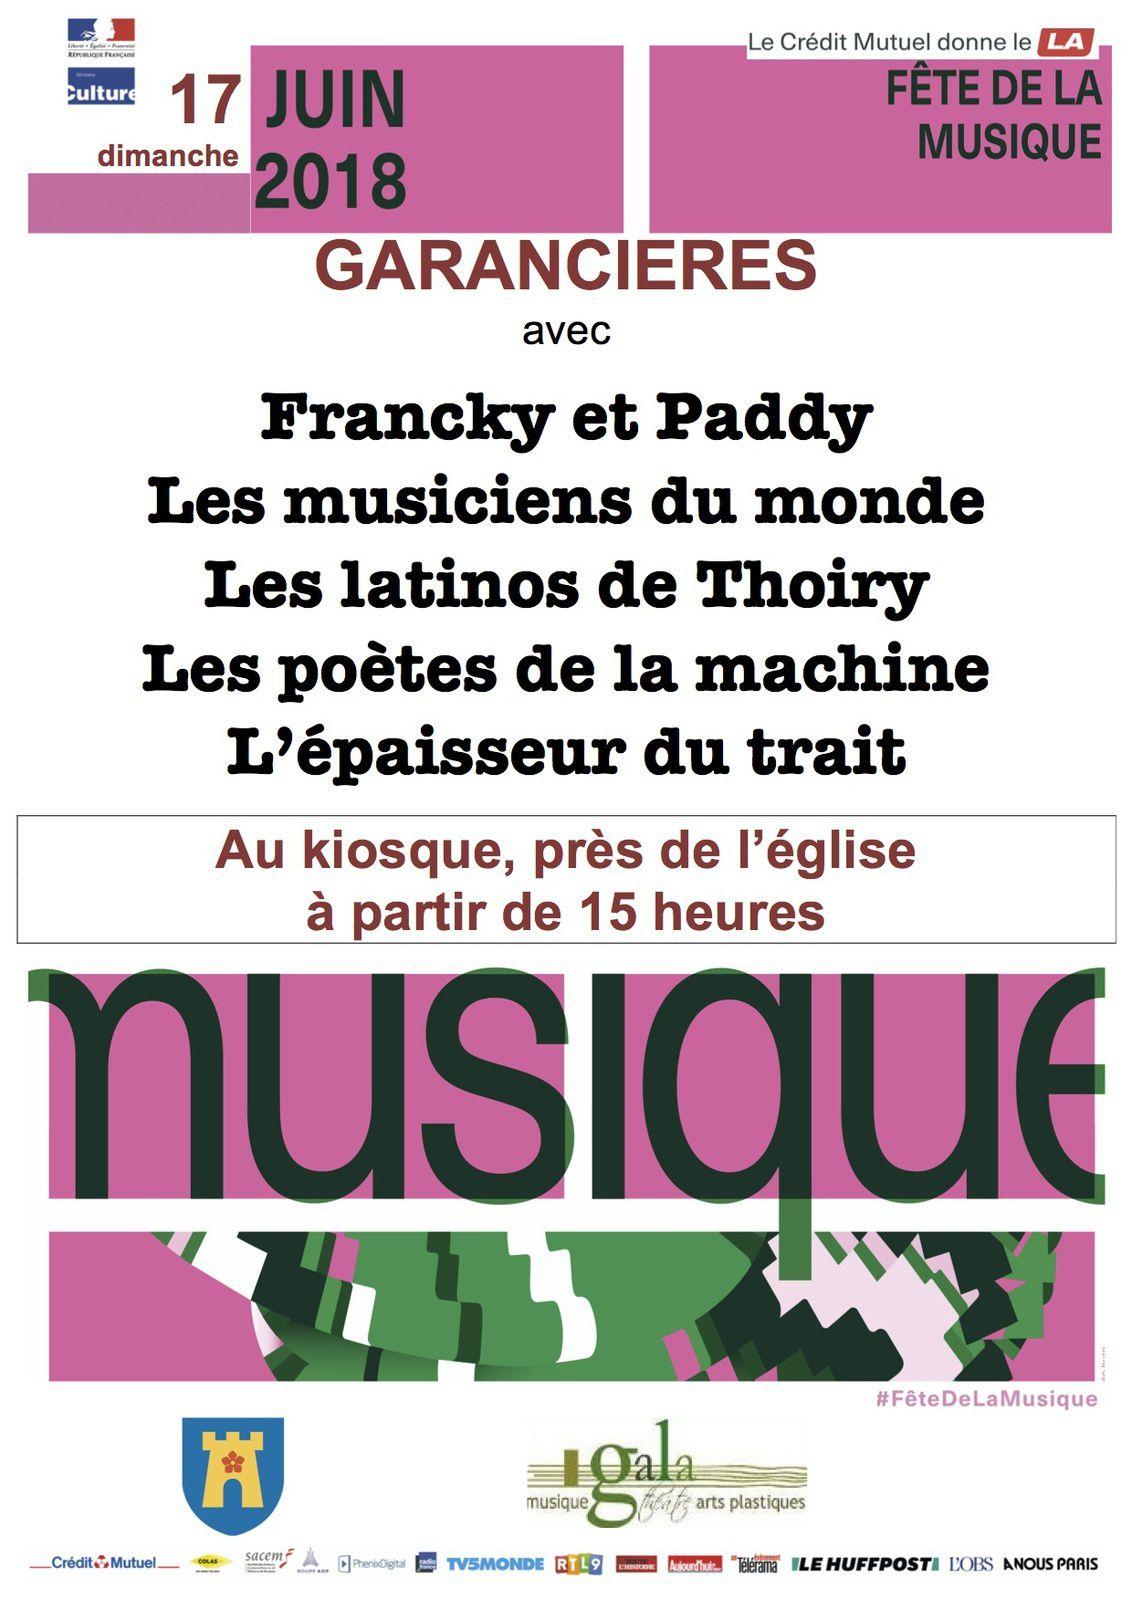 La Fête de la musique à Garancières, c'est dimanche 17 juin